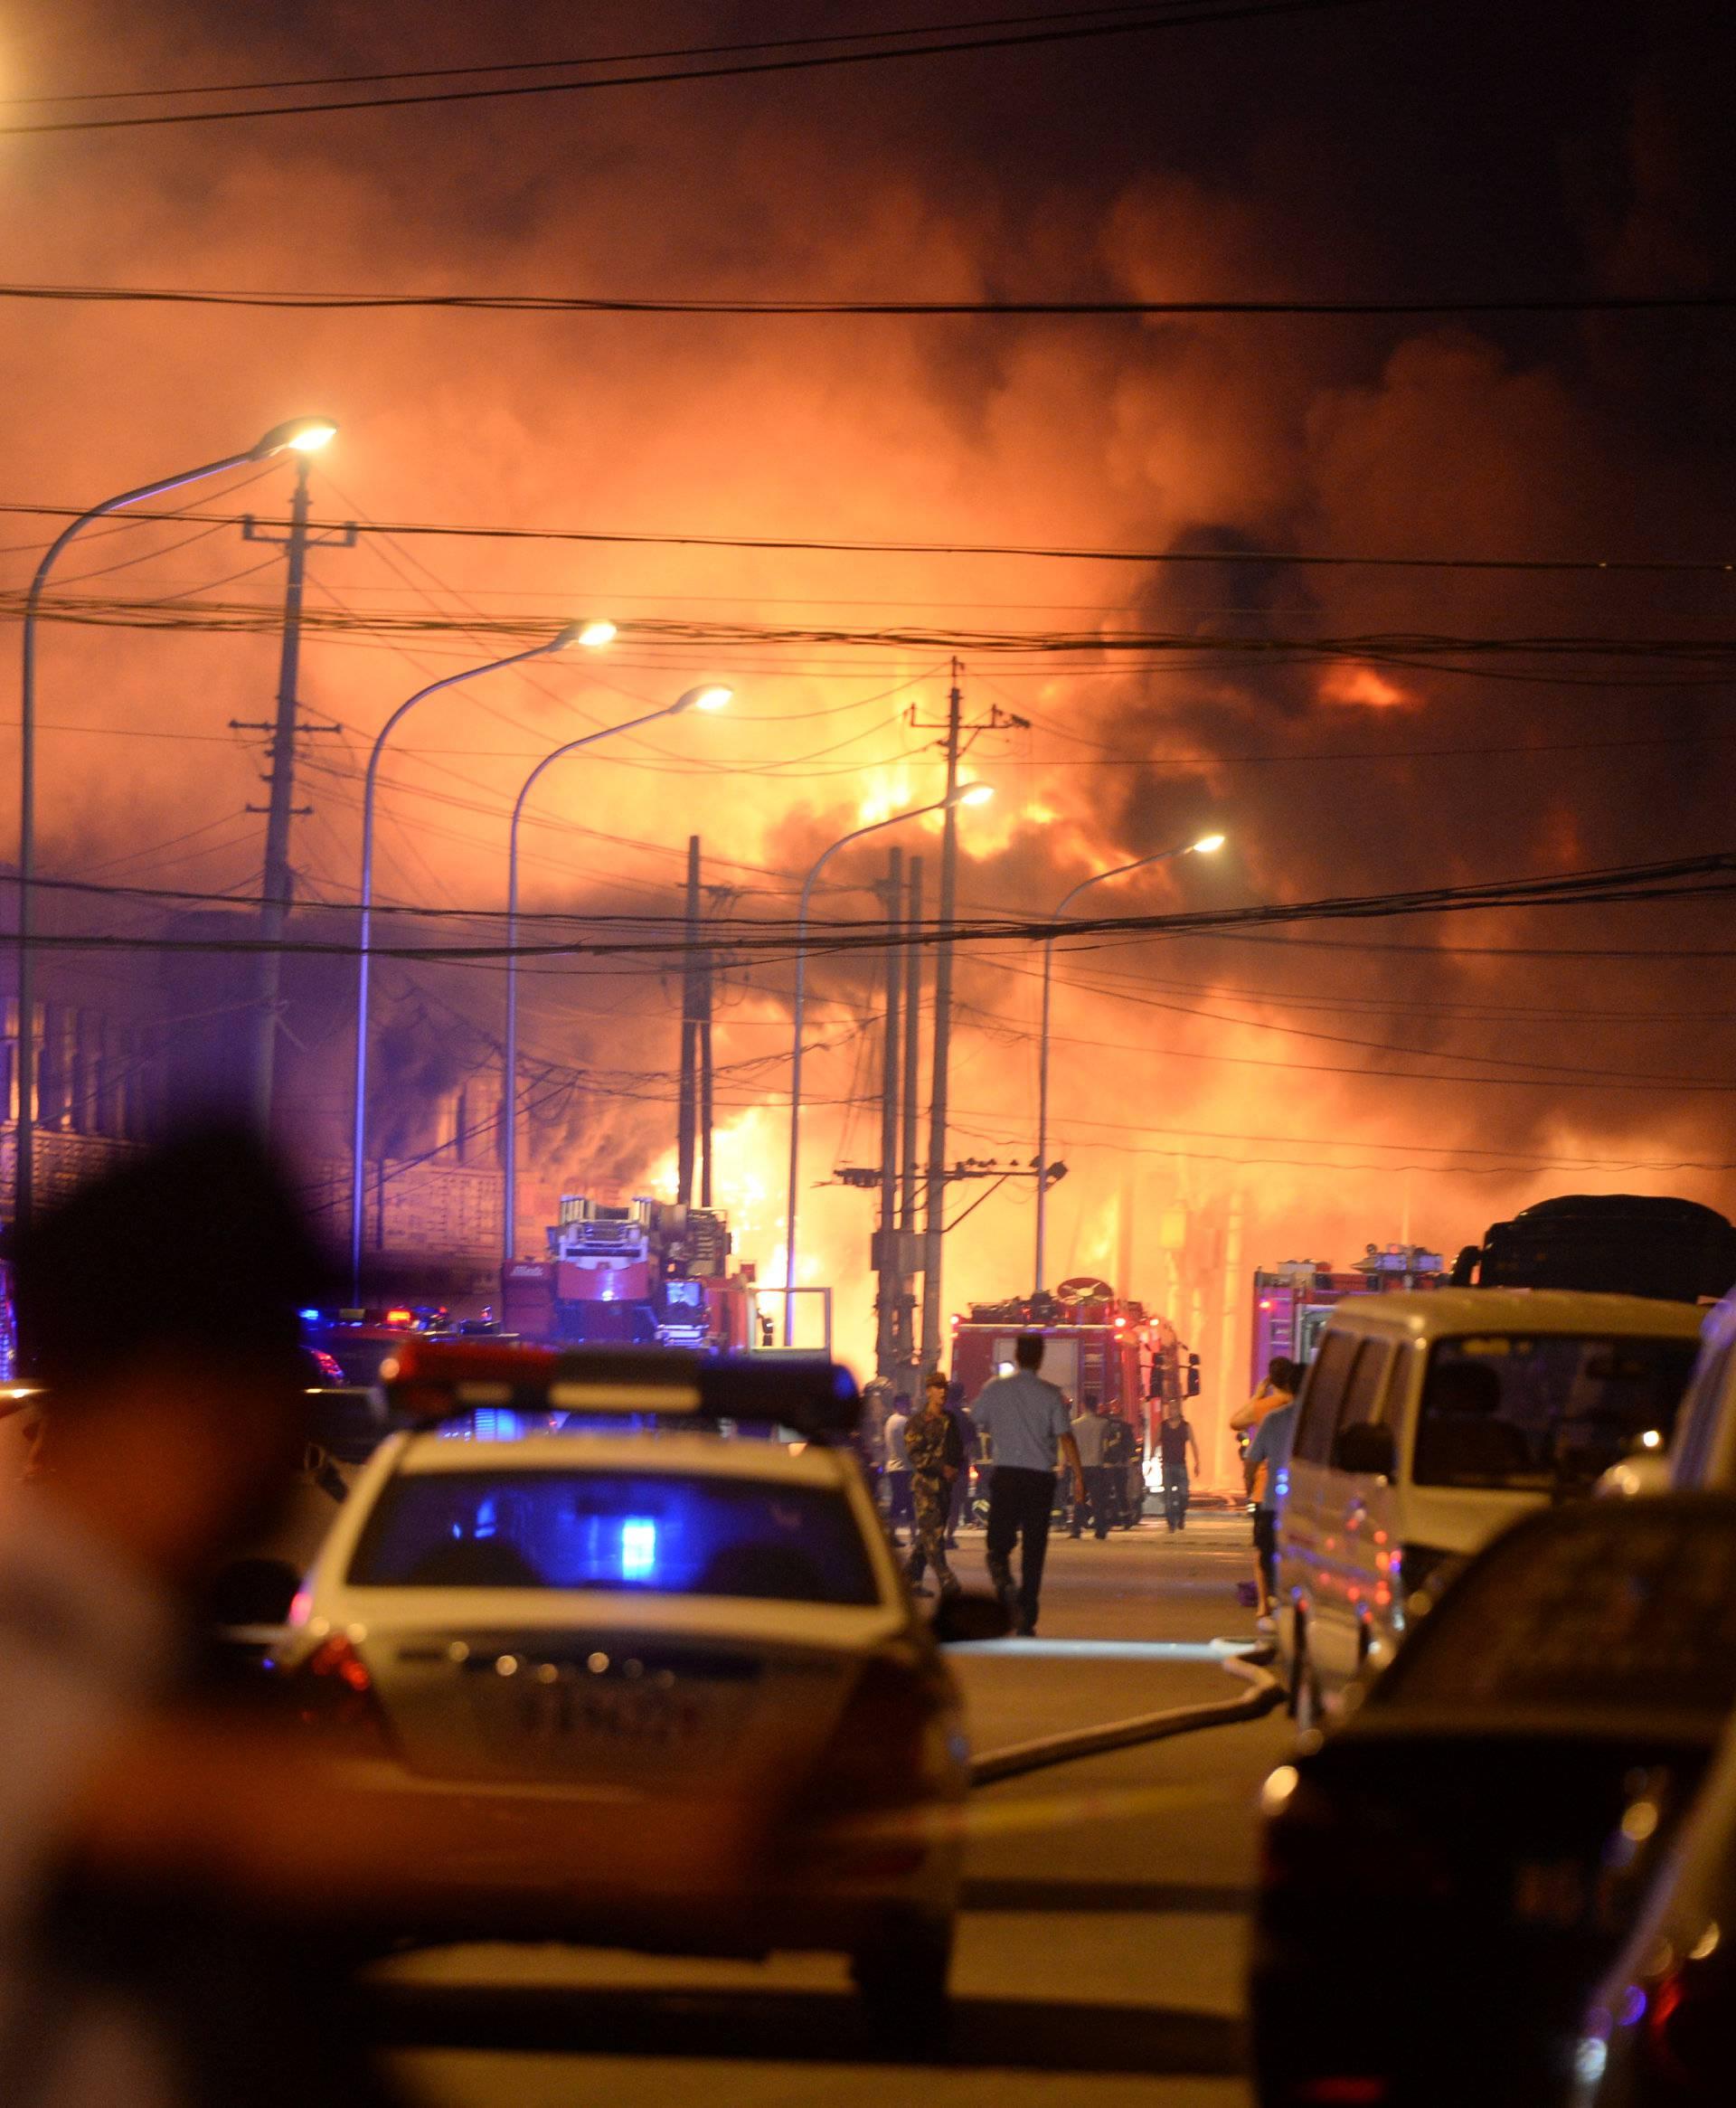 A building of a market is seen on fire in Beijing